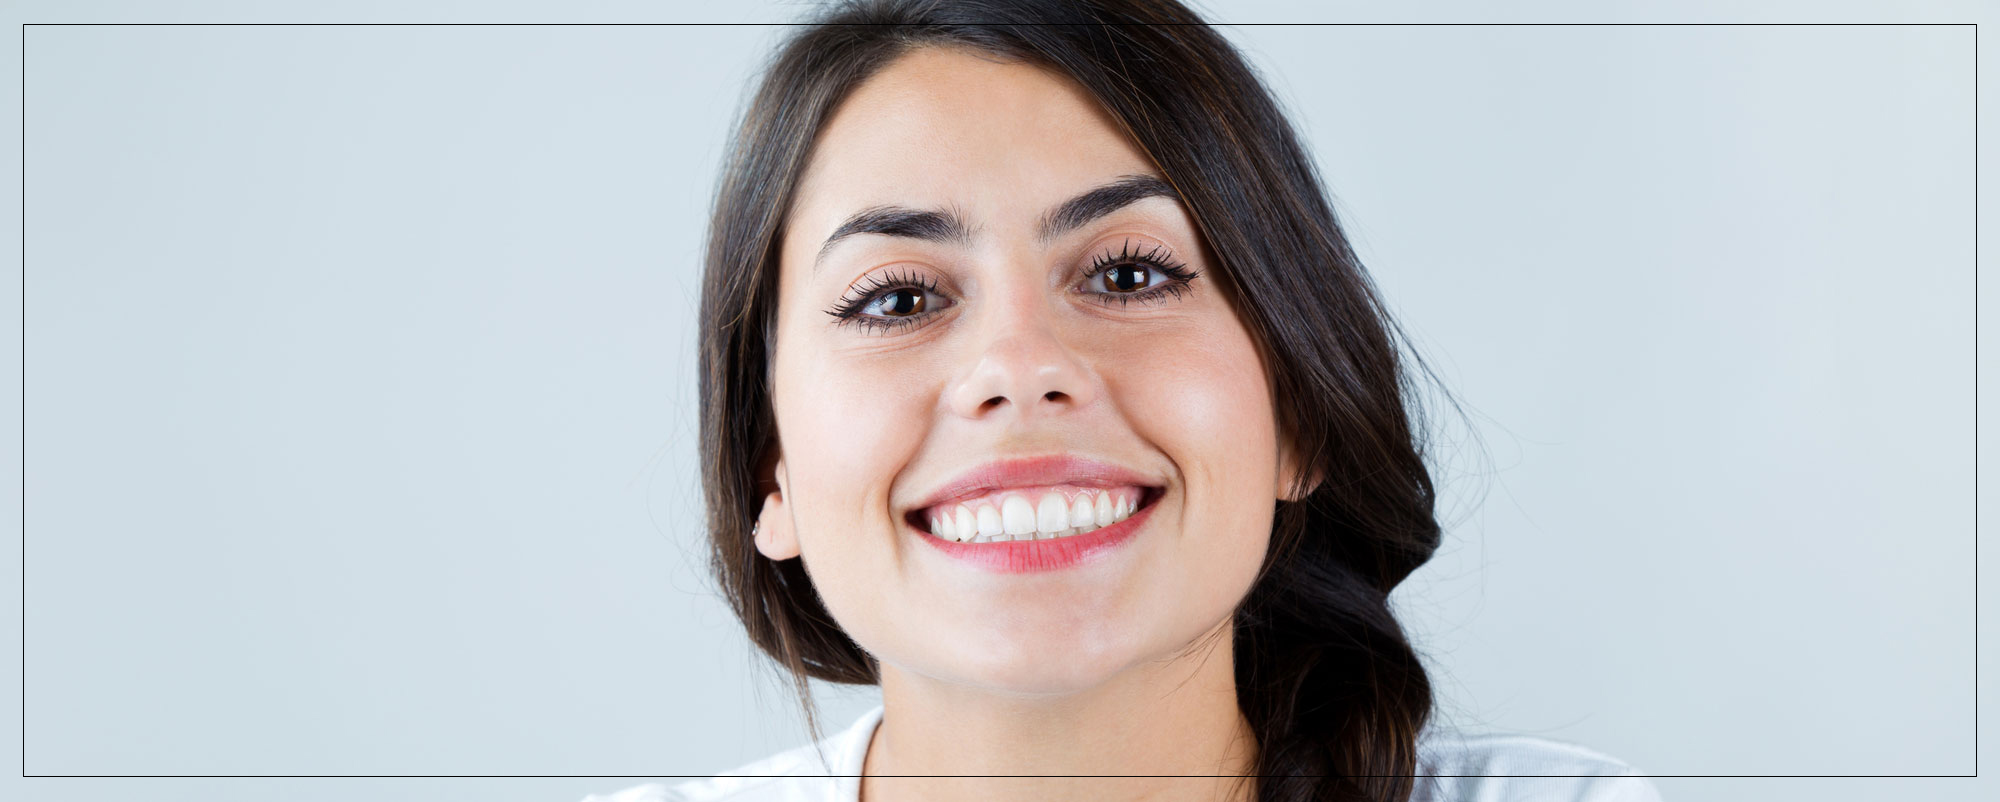 gummy smile botox treatment